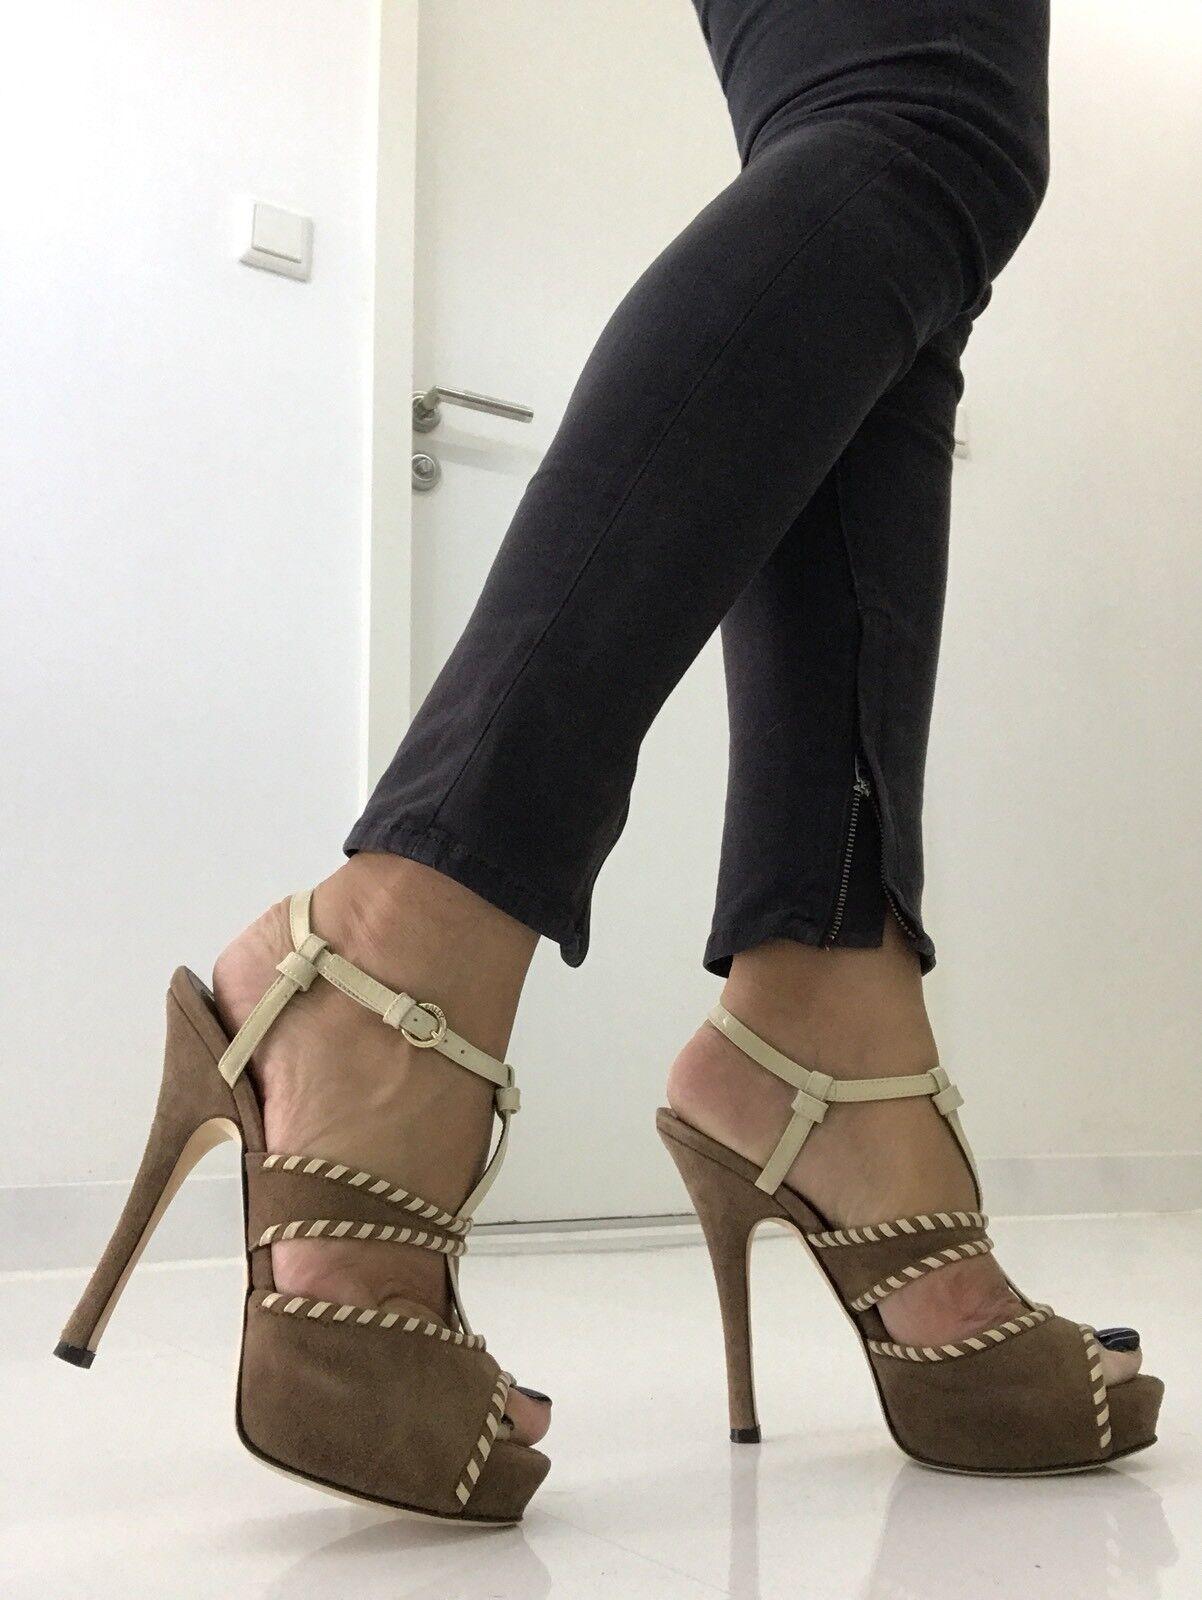 BALLY Pumps gr.36 High Heels Heels Heels ade493